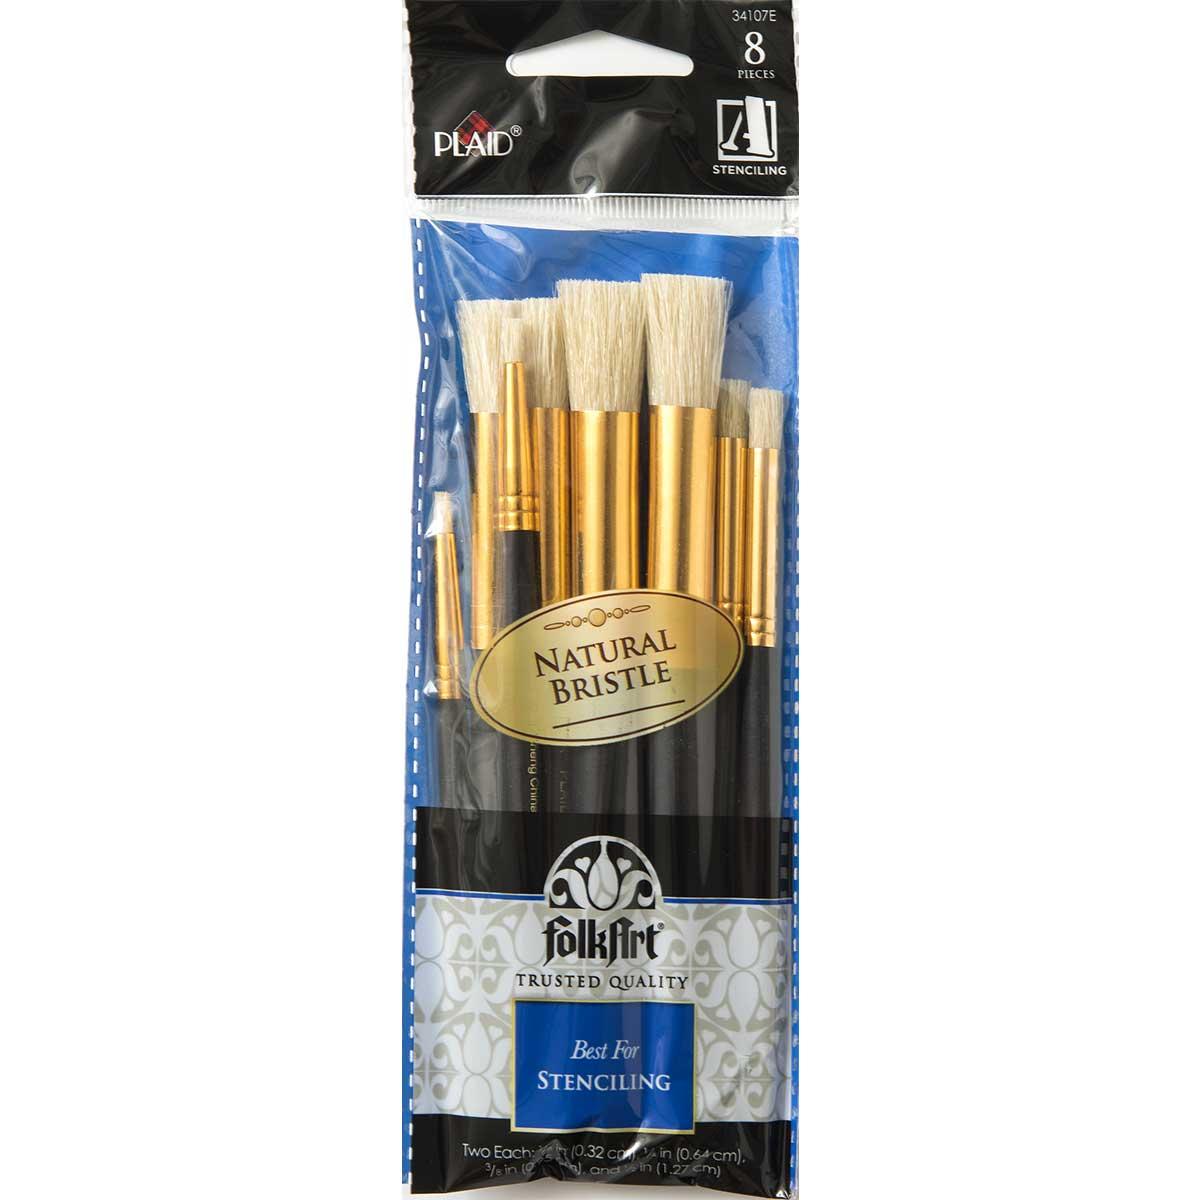 Folkart ® Brush Sets - Stencil Brush Set, Short Handle - 34107